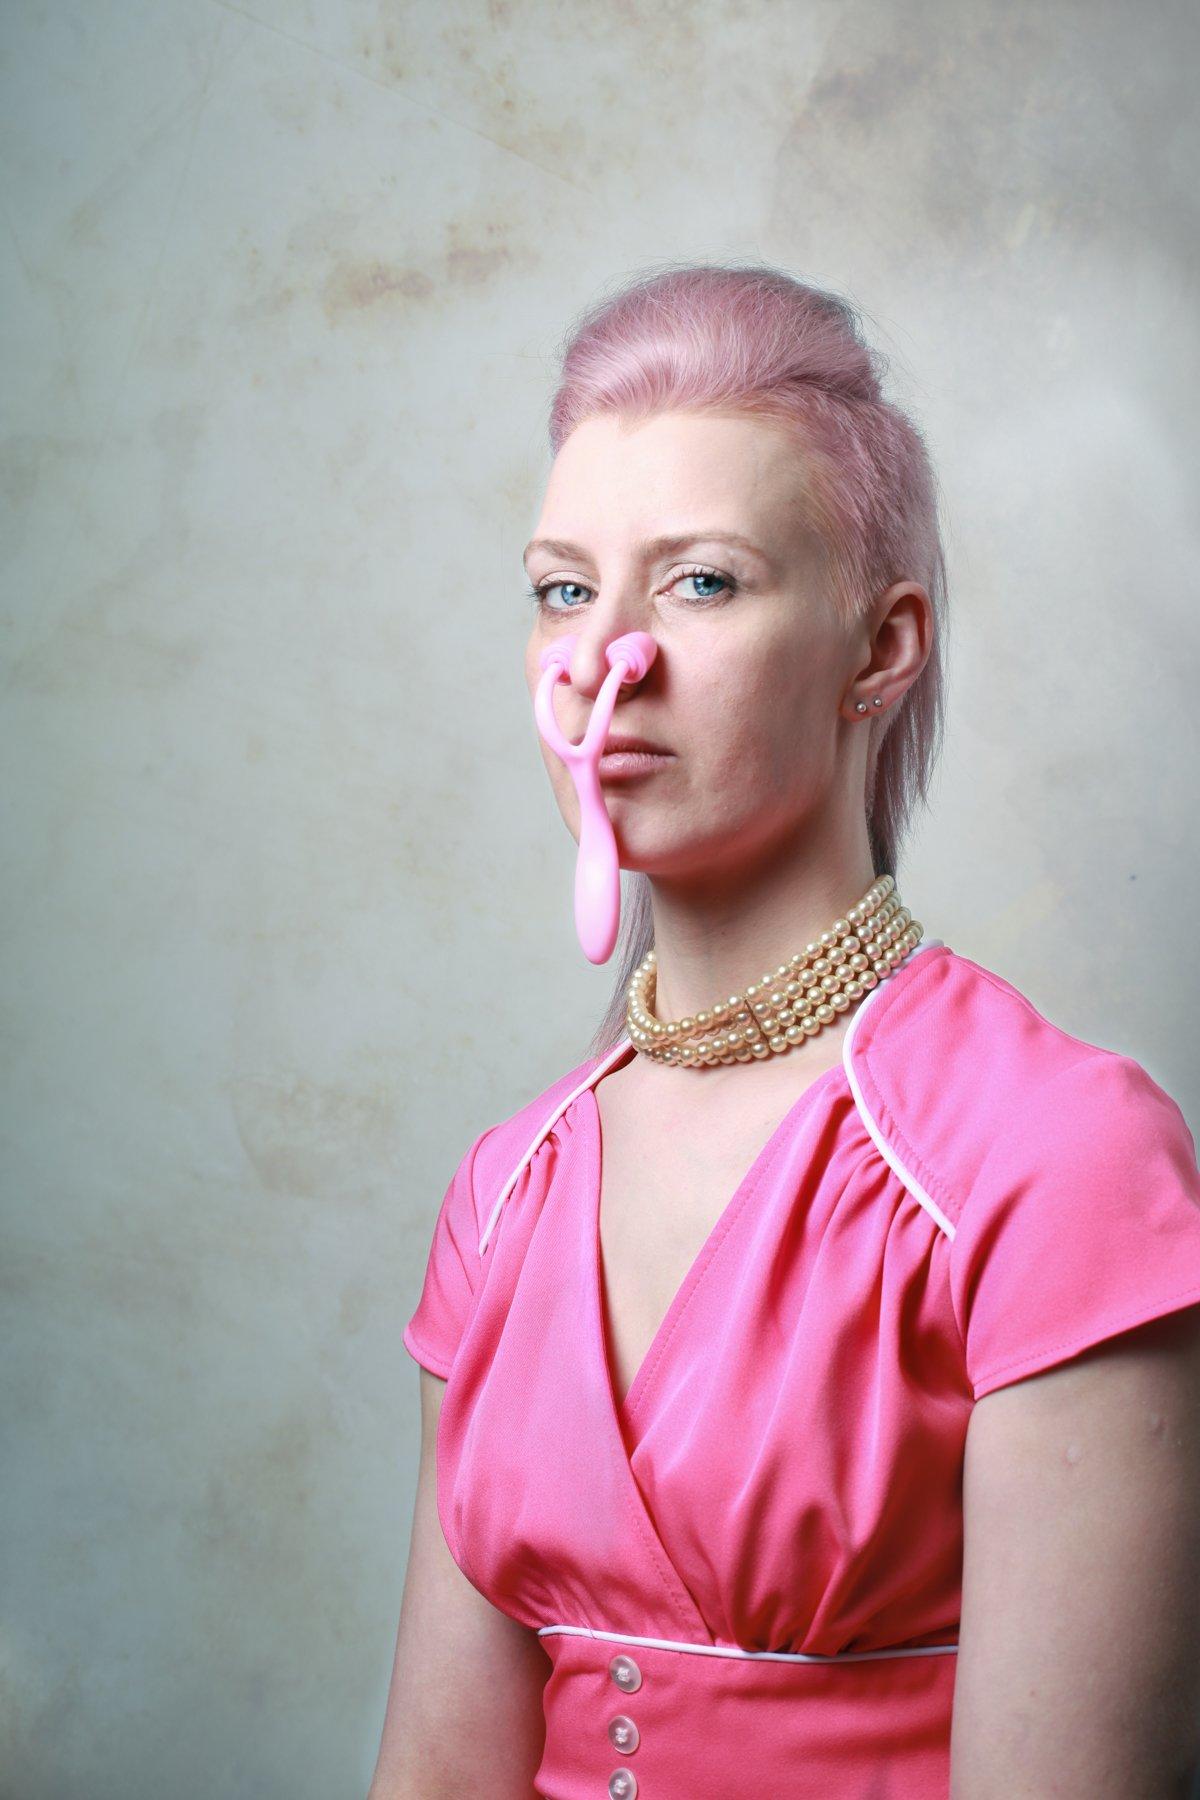 """14 fotos perturbadoras mostram as coisas bizarras que uma mulher usa para ficar """"linda"""" 09"""